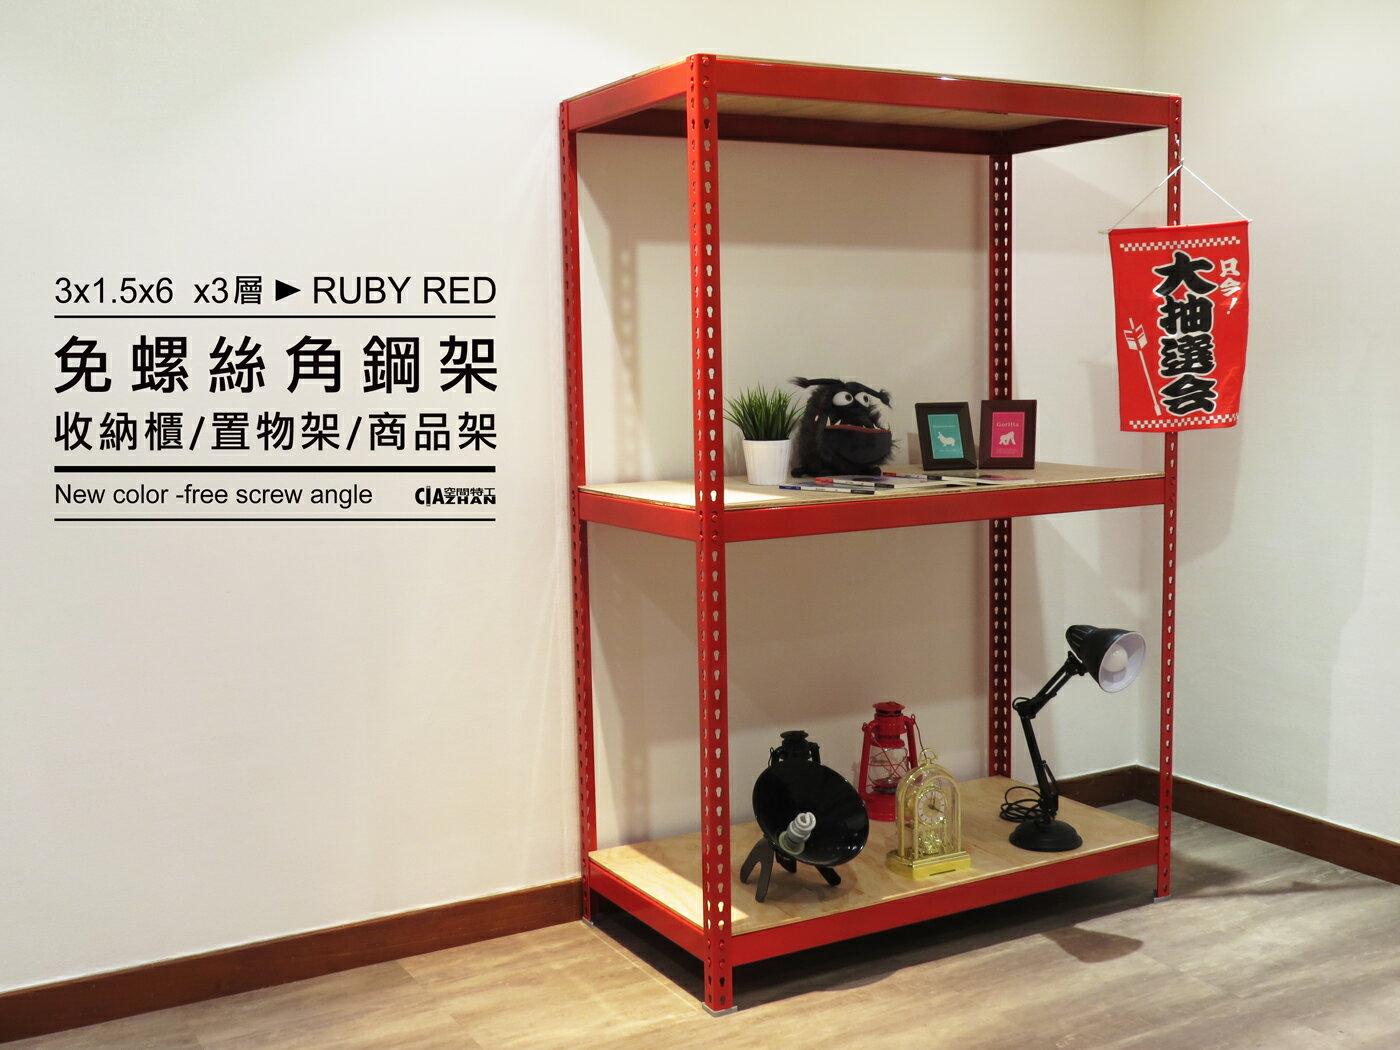 diy組合架?空間特工?收納架 書架 鞋櫃 (長3尺x深1.5尺x3層,高6尺 )書櫃 電視櫃 寶石紅置物架